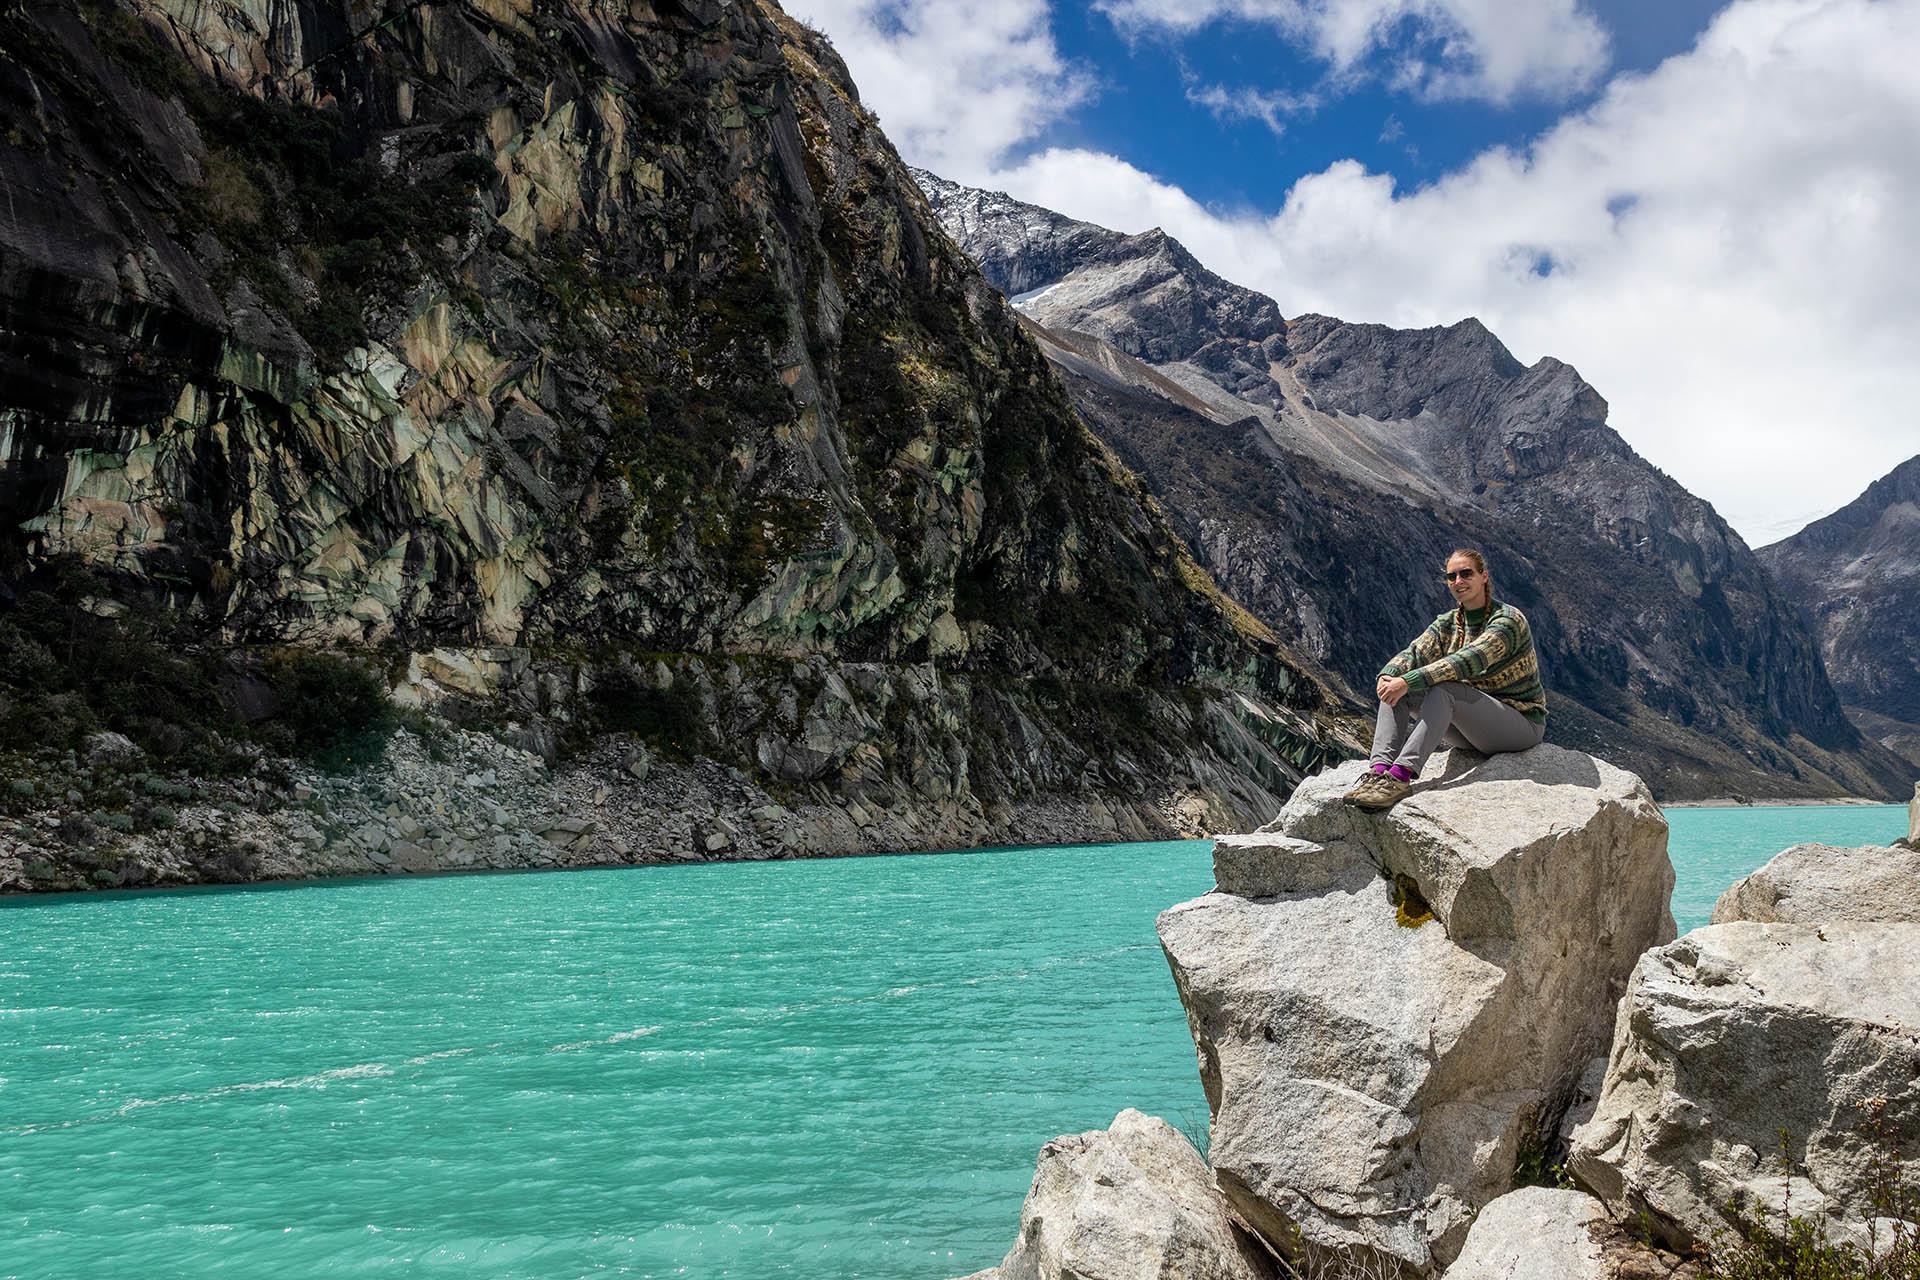 Manouk op een rots naast het felblauwe water van Laguna Paron in Peru